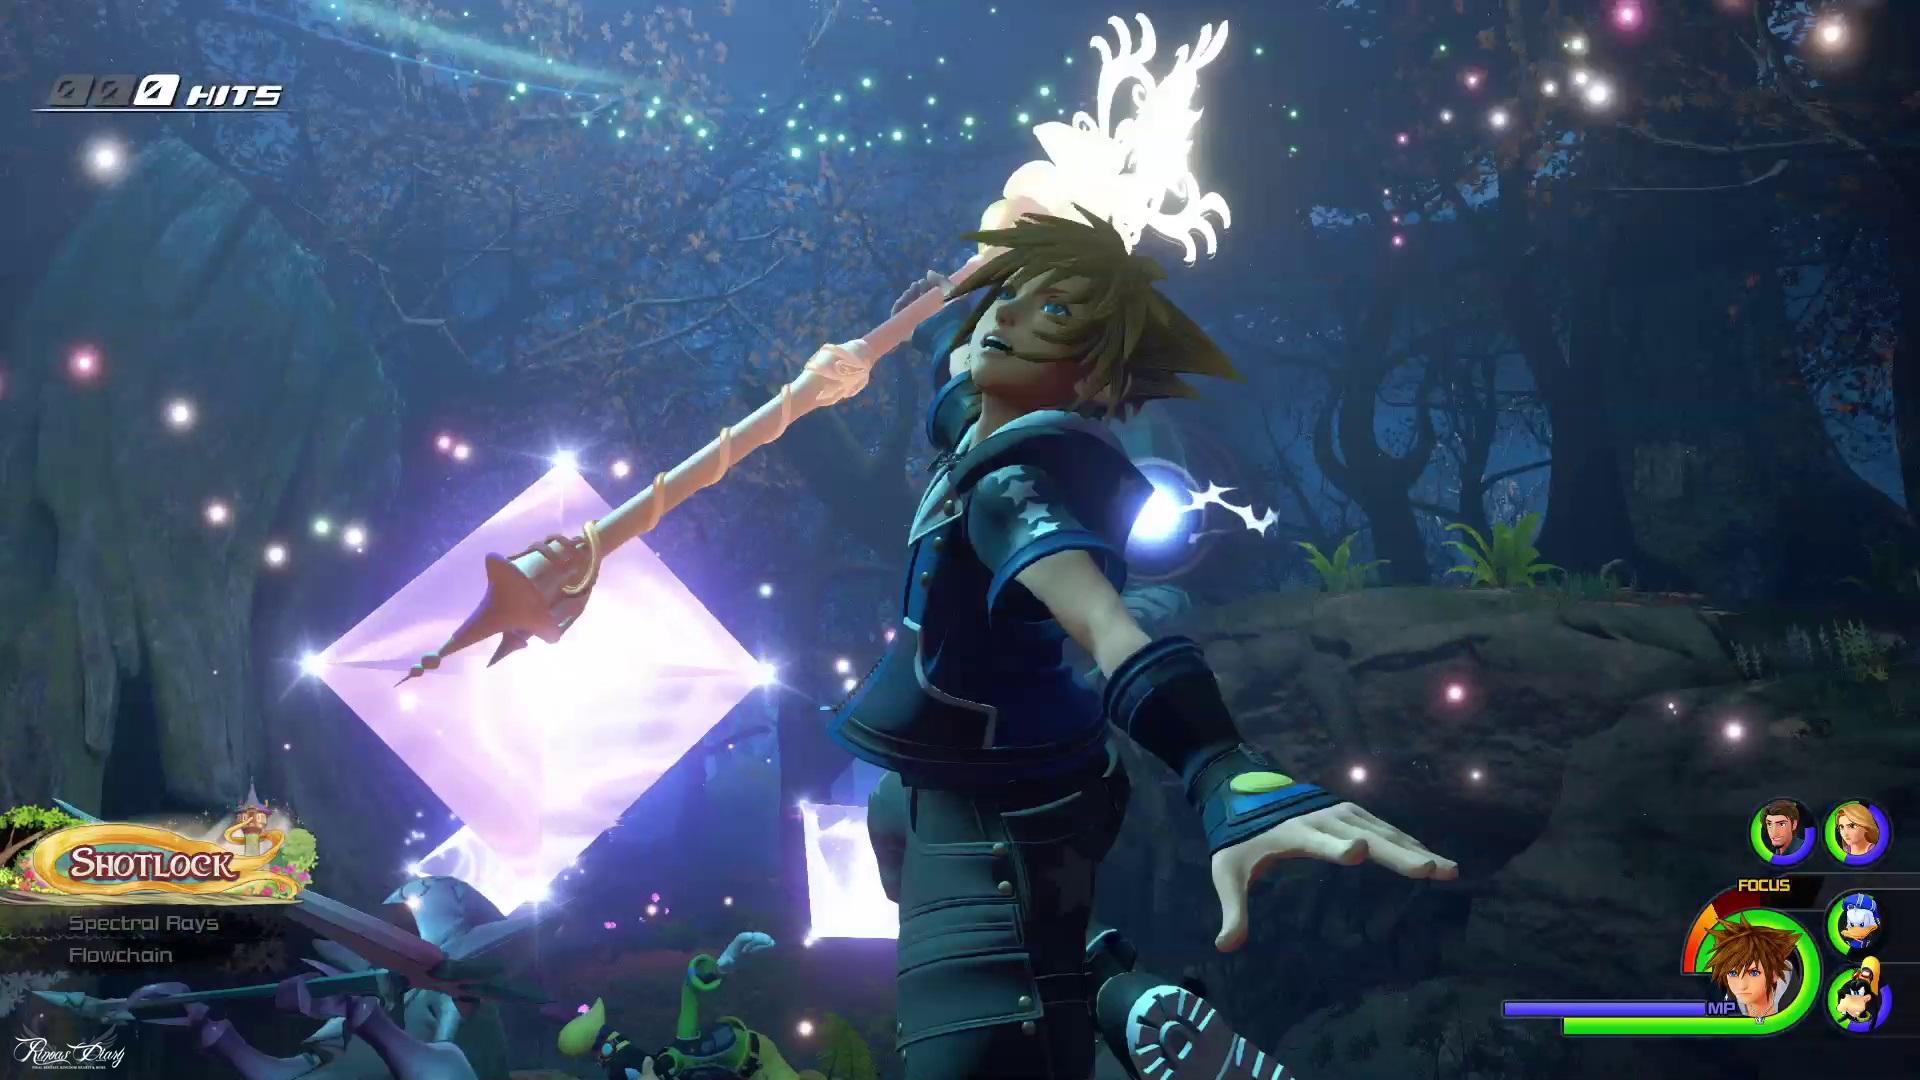 Il prospetto fiscale di Square conferma l'uscita nel 2018 per Kingdom Hearts III